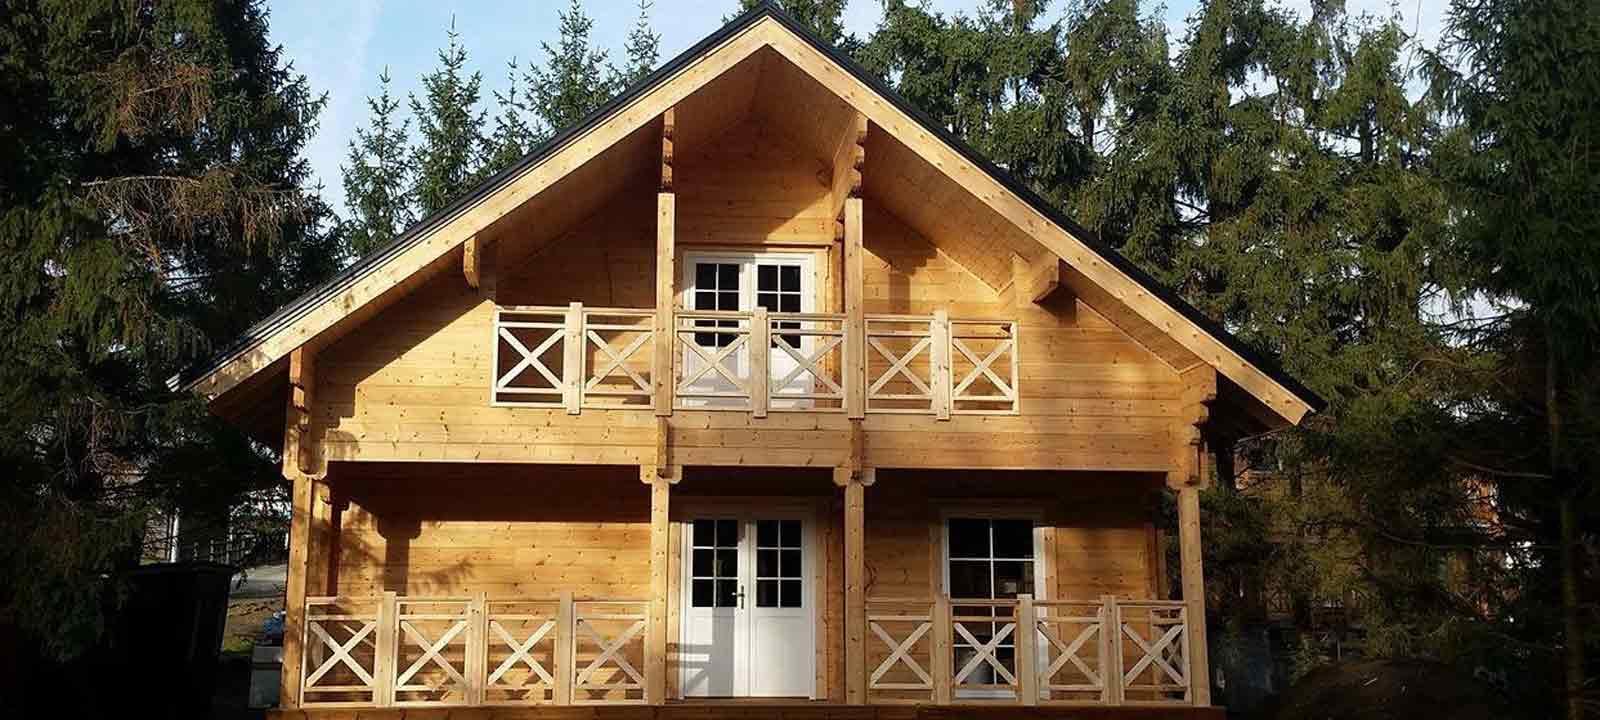 WoodVille Design Blokhut MtBELGICA VLR 176M2